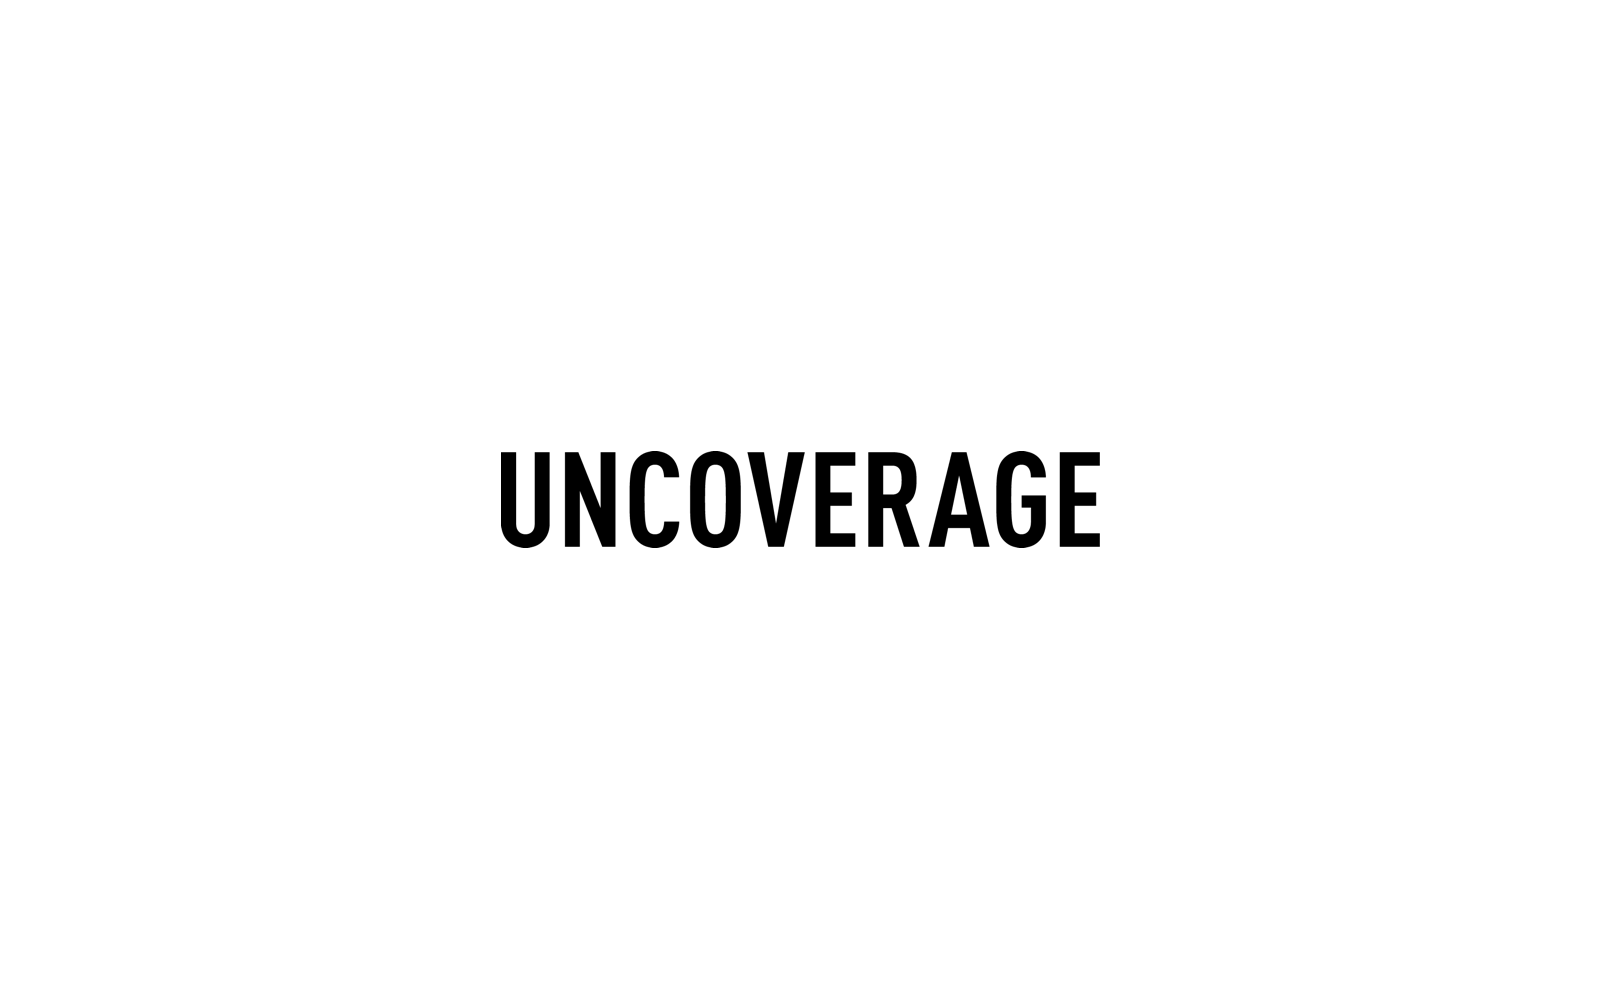 uncoverage